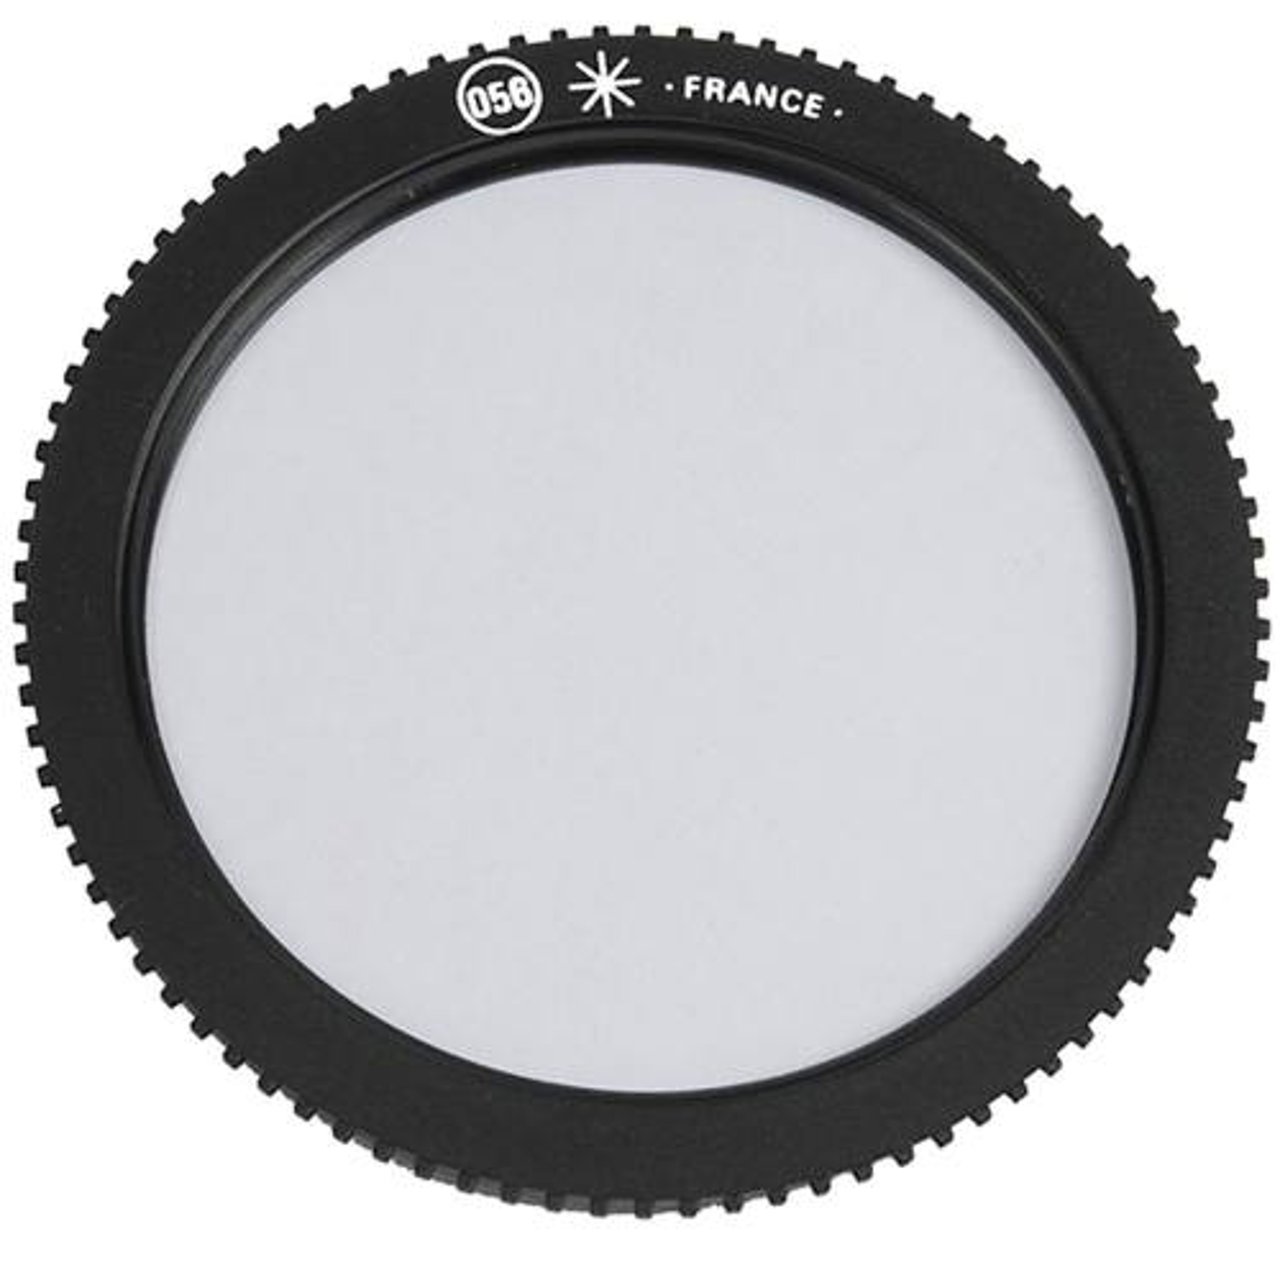 فیلتر ستاره زن 8 پر کوکین P056